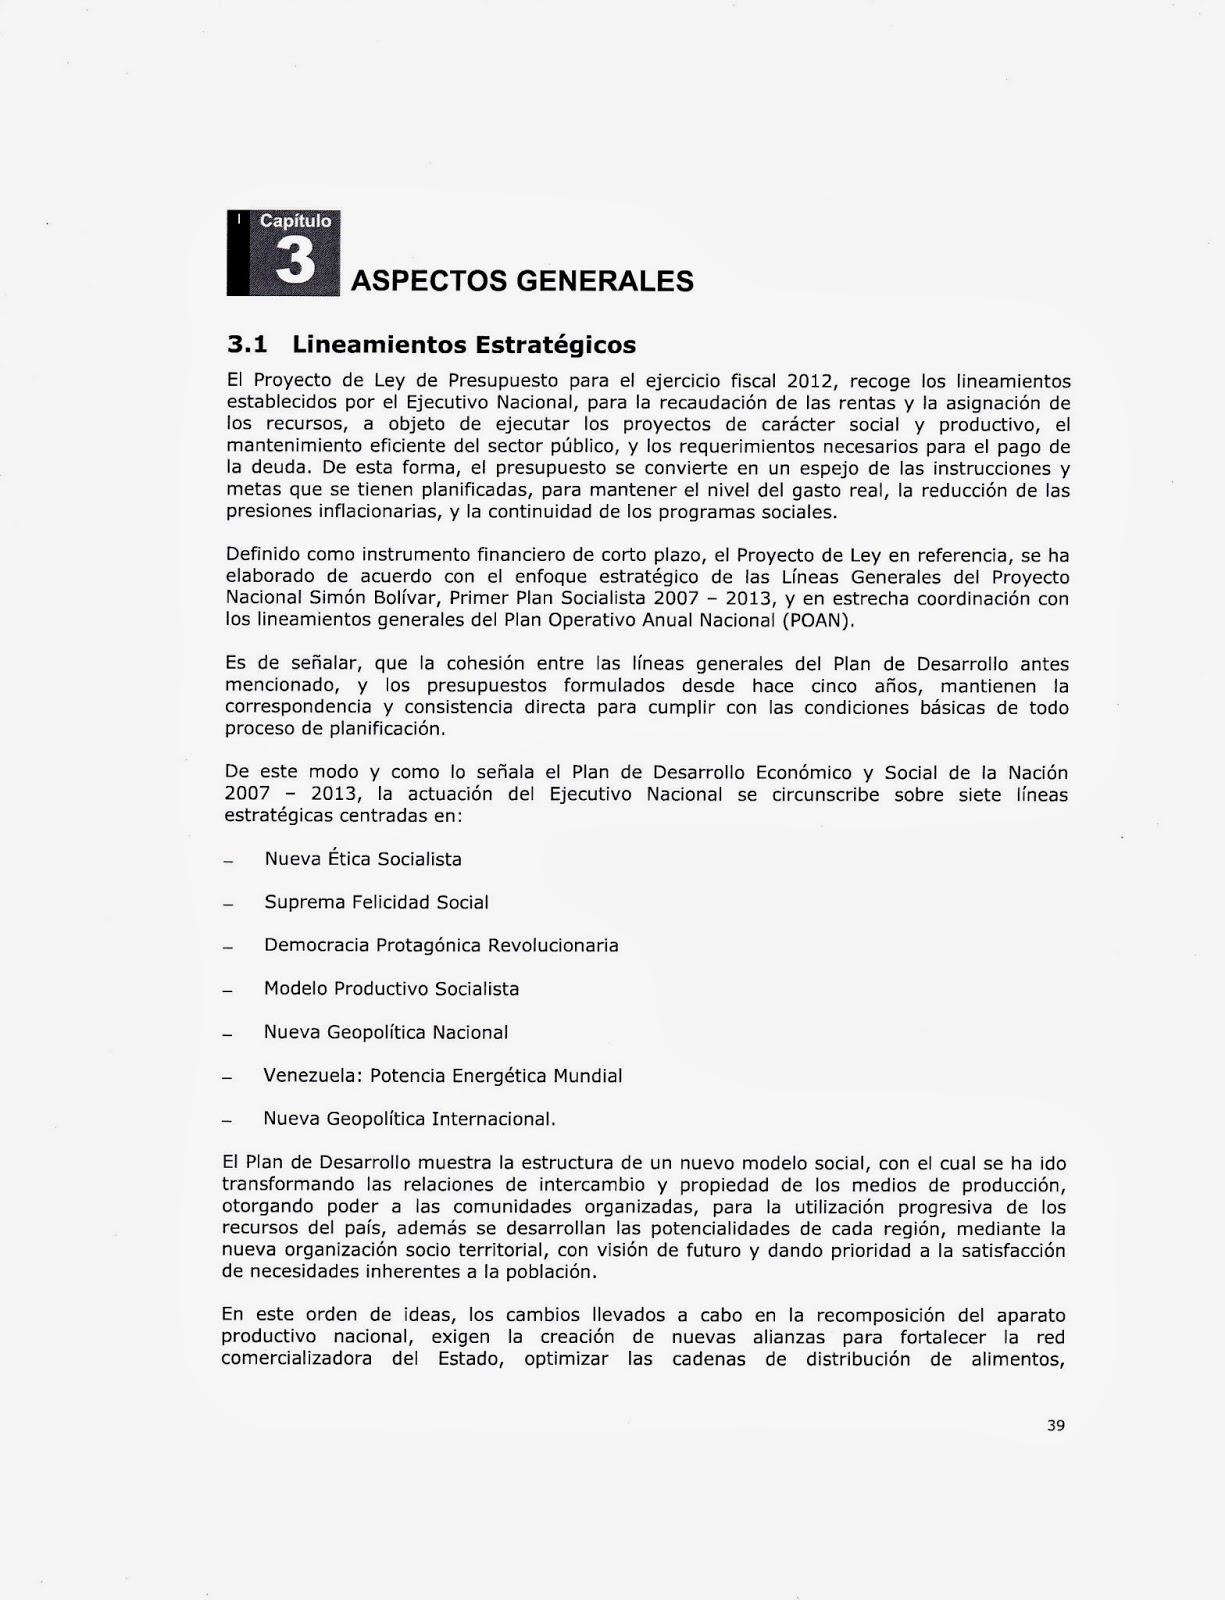 Dorable Ejemplo De Reanudar Modelado De Actuación Regalo - Ejemplo ...